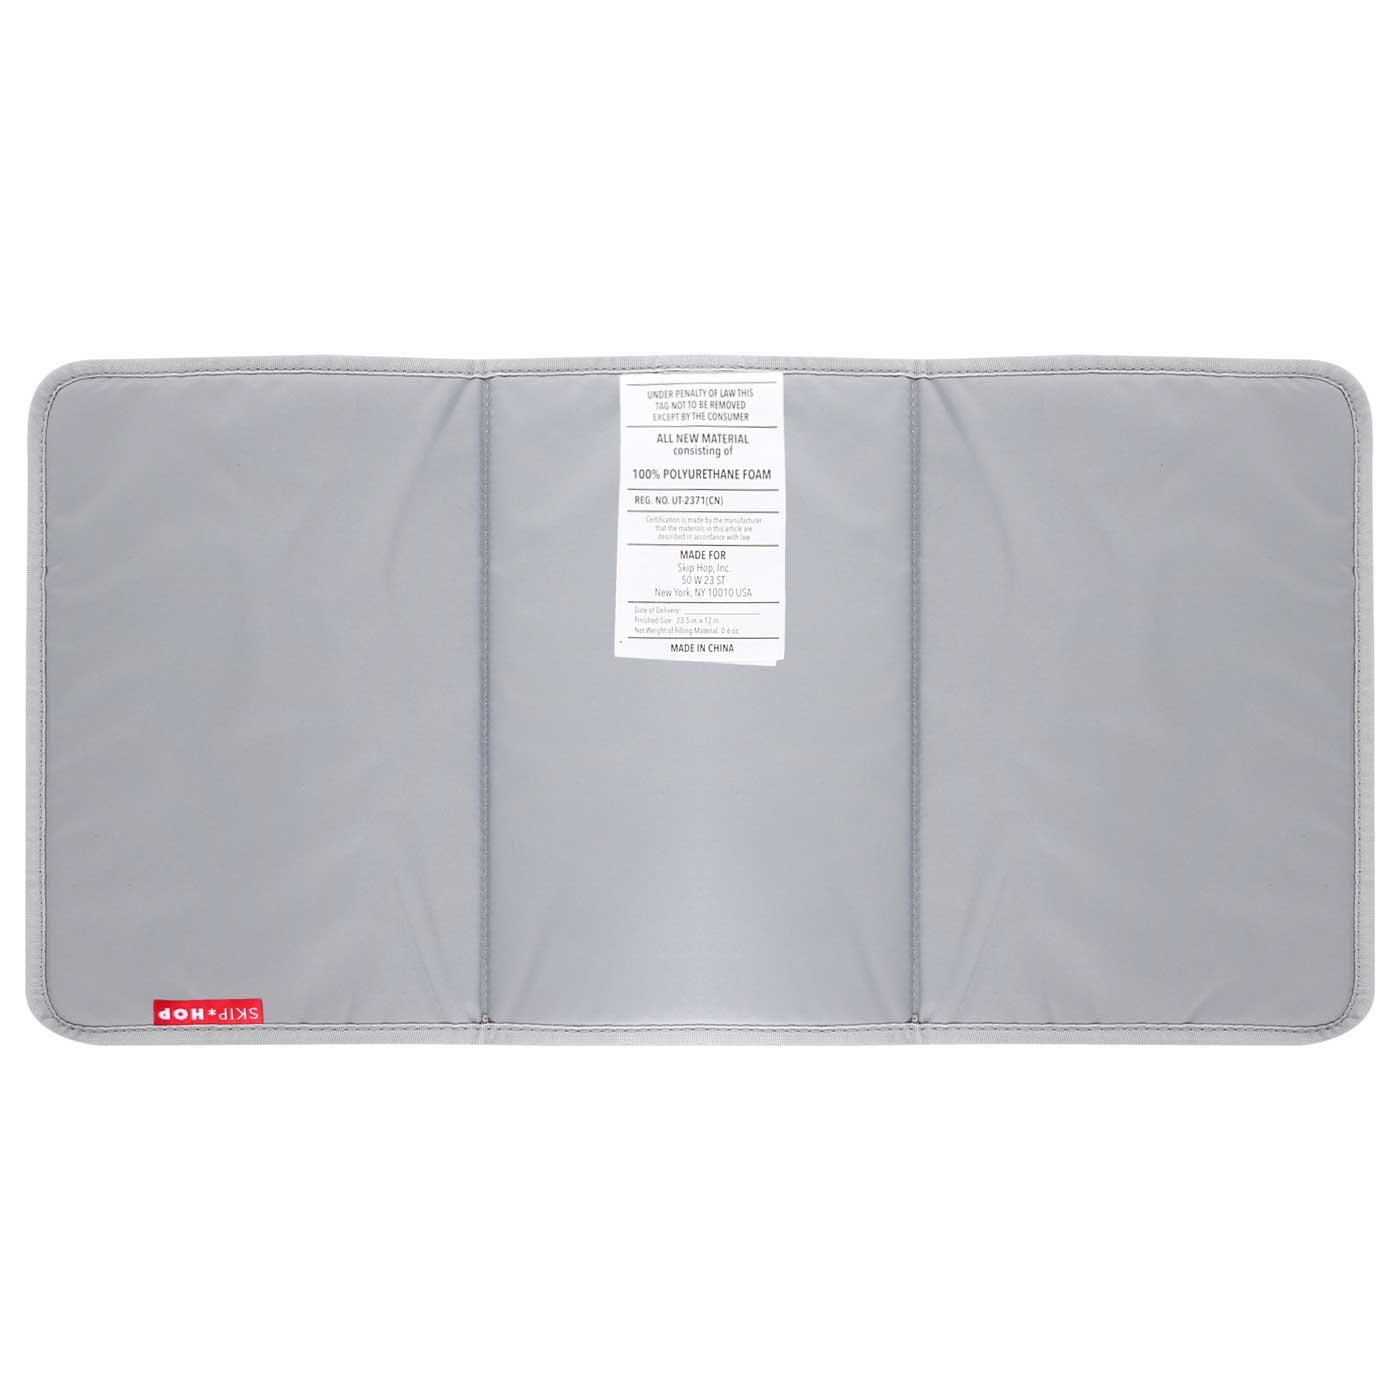 Skiphop Diaper Tote Bag Fit All Access - Platinum/Coral 7